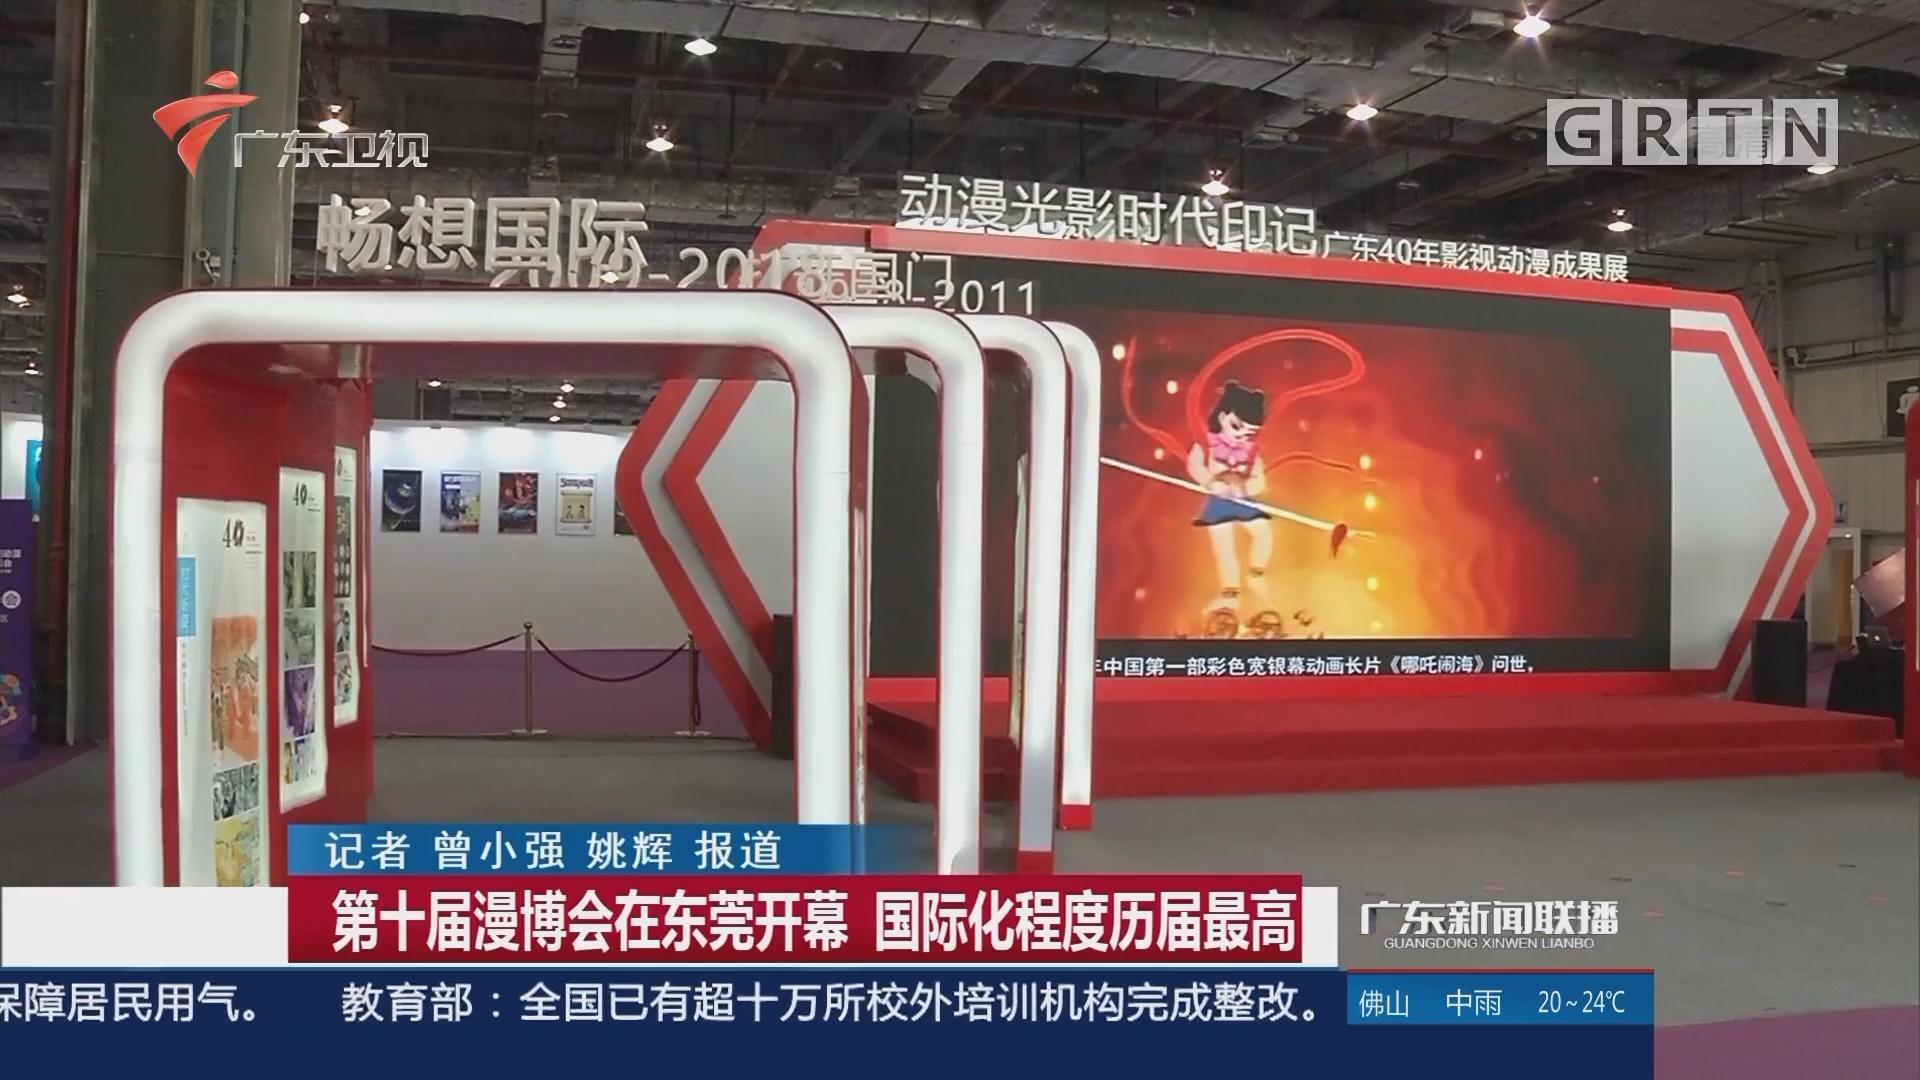 第十届漫博会在东莞开幕 国际化程度历届最高